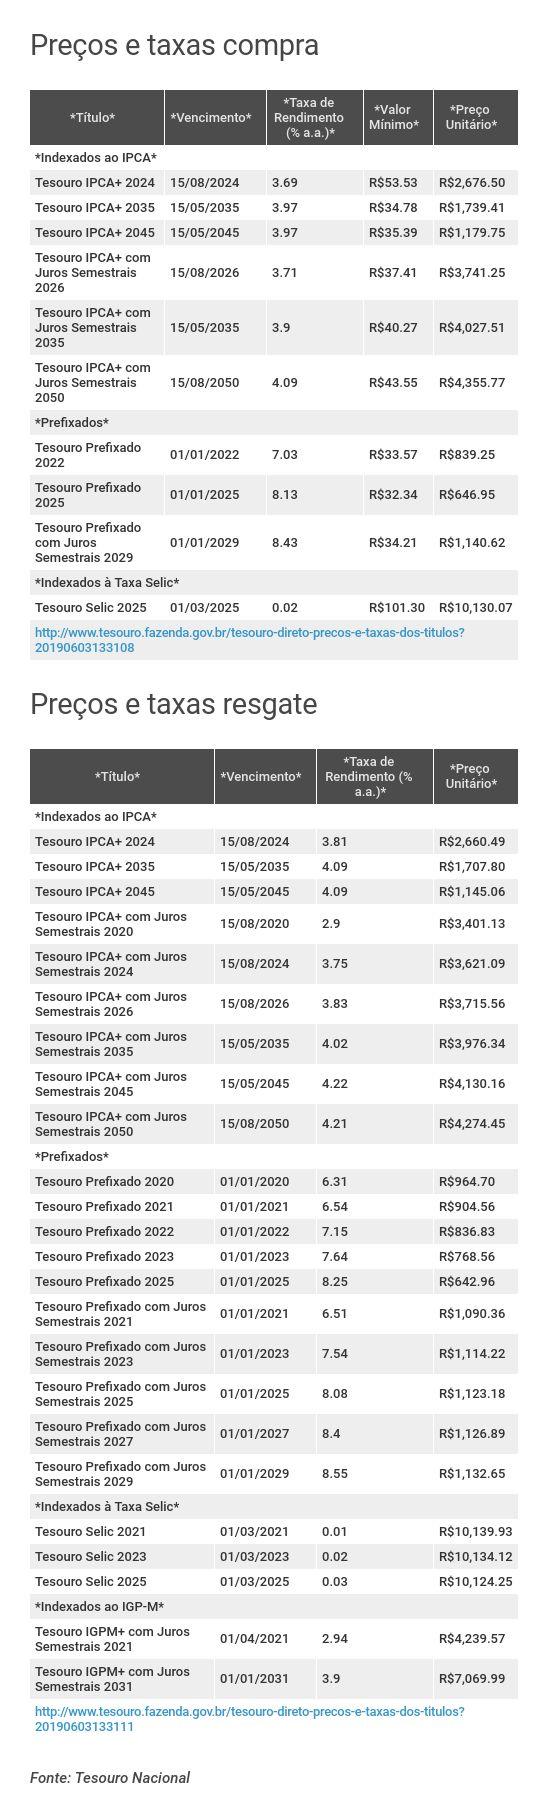 Preços e taxas do Tesouro Direto em 03 de junho de 2019